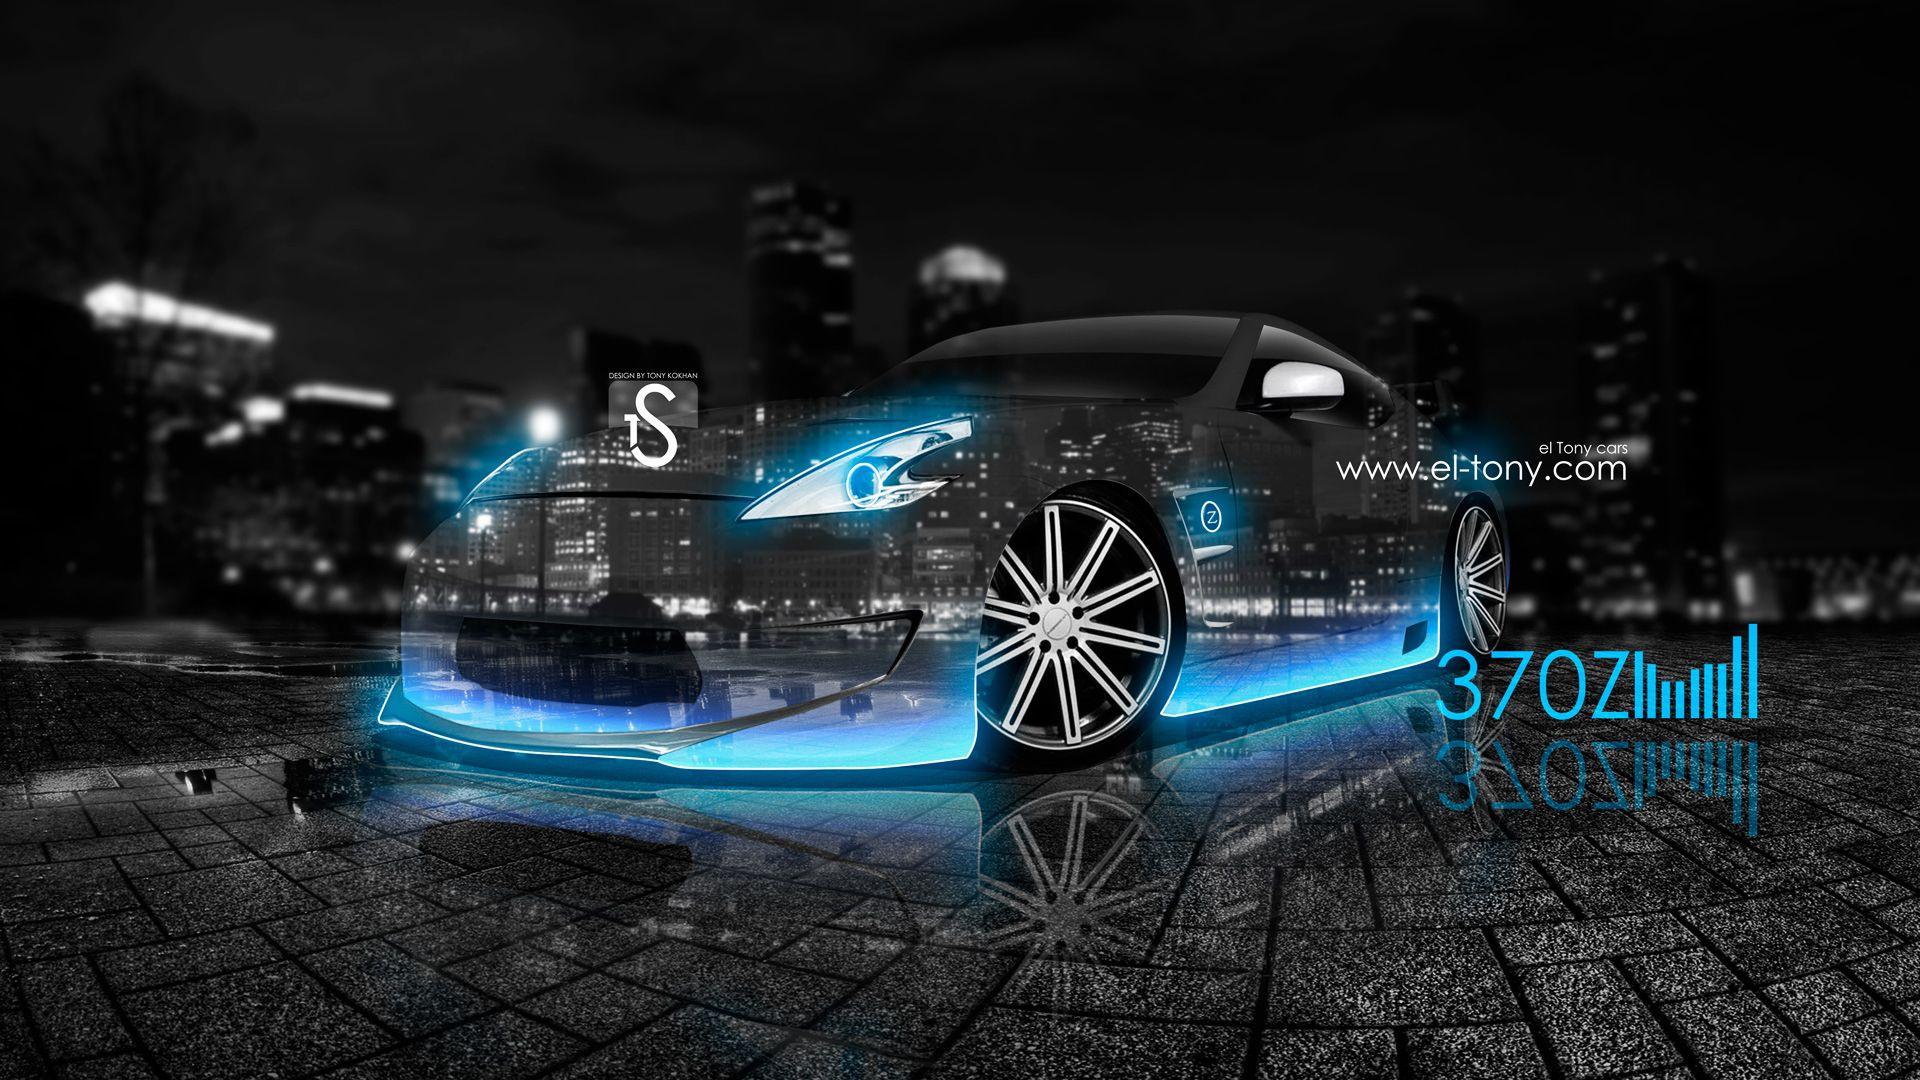 Merveilleux Nissan 370Z Crystal City Car 2013 « El Tony